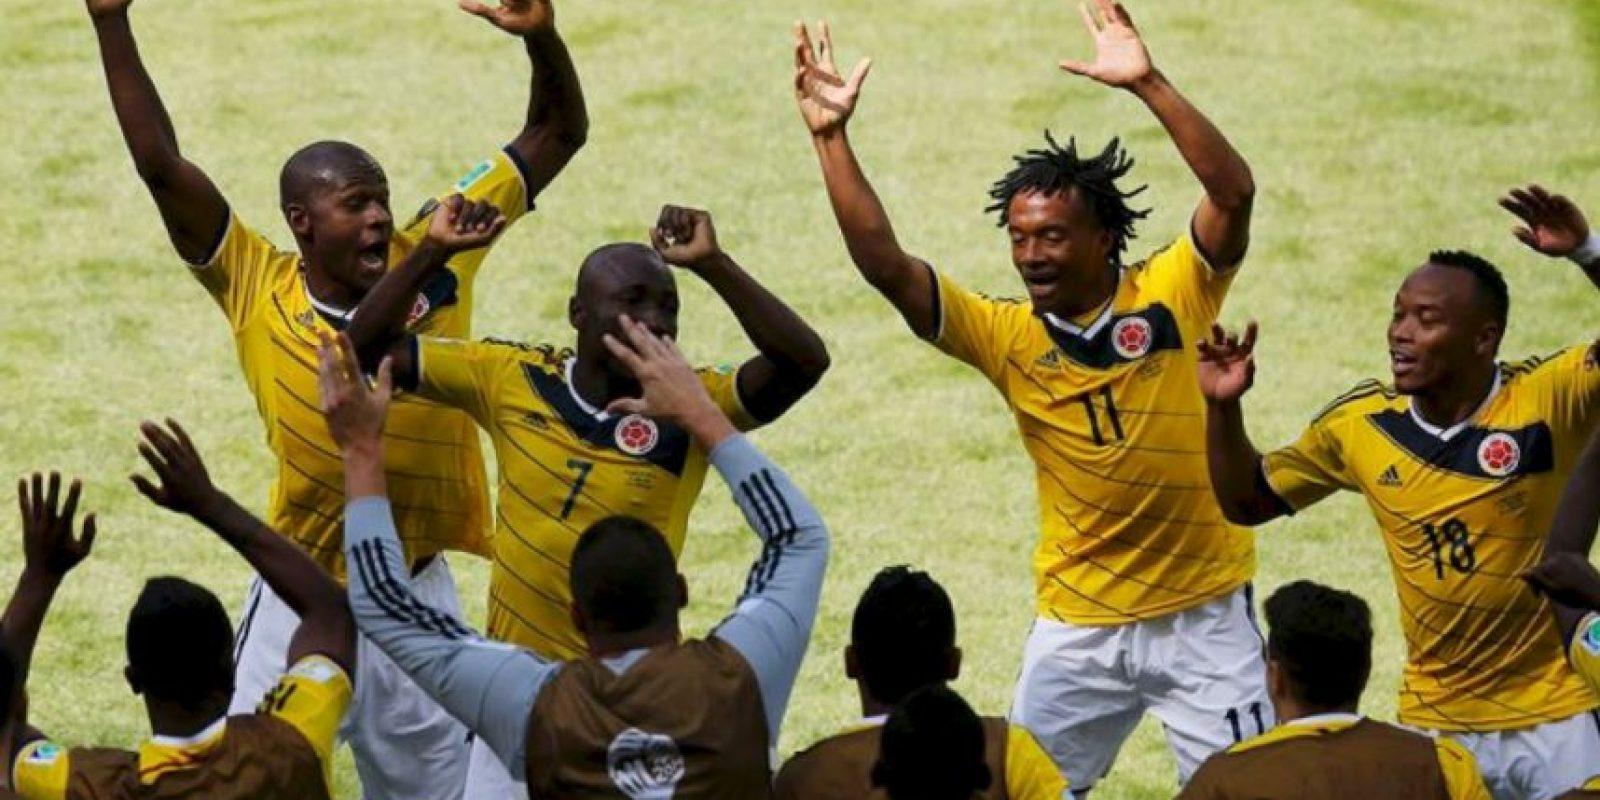 El año pasado la popularizó la Selección Colombia en el Mundial. Foto:vía Getty Images